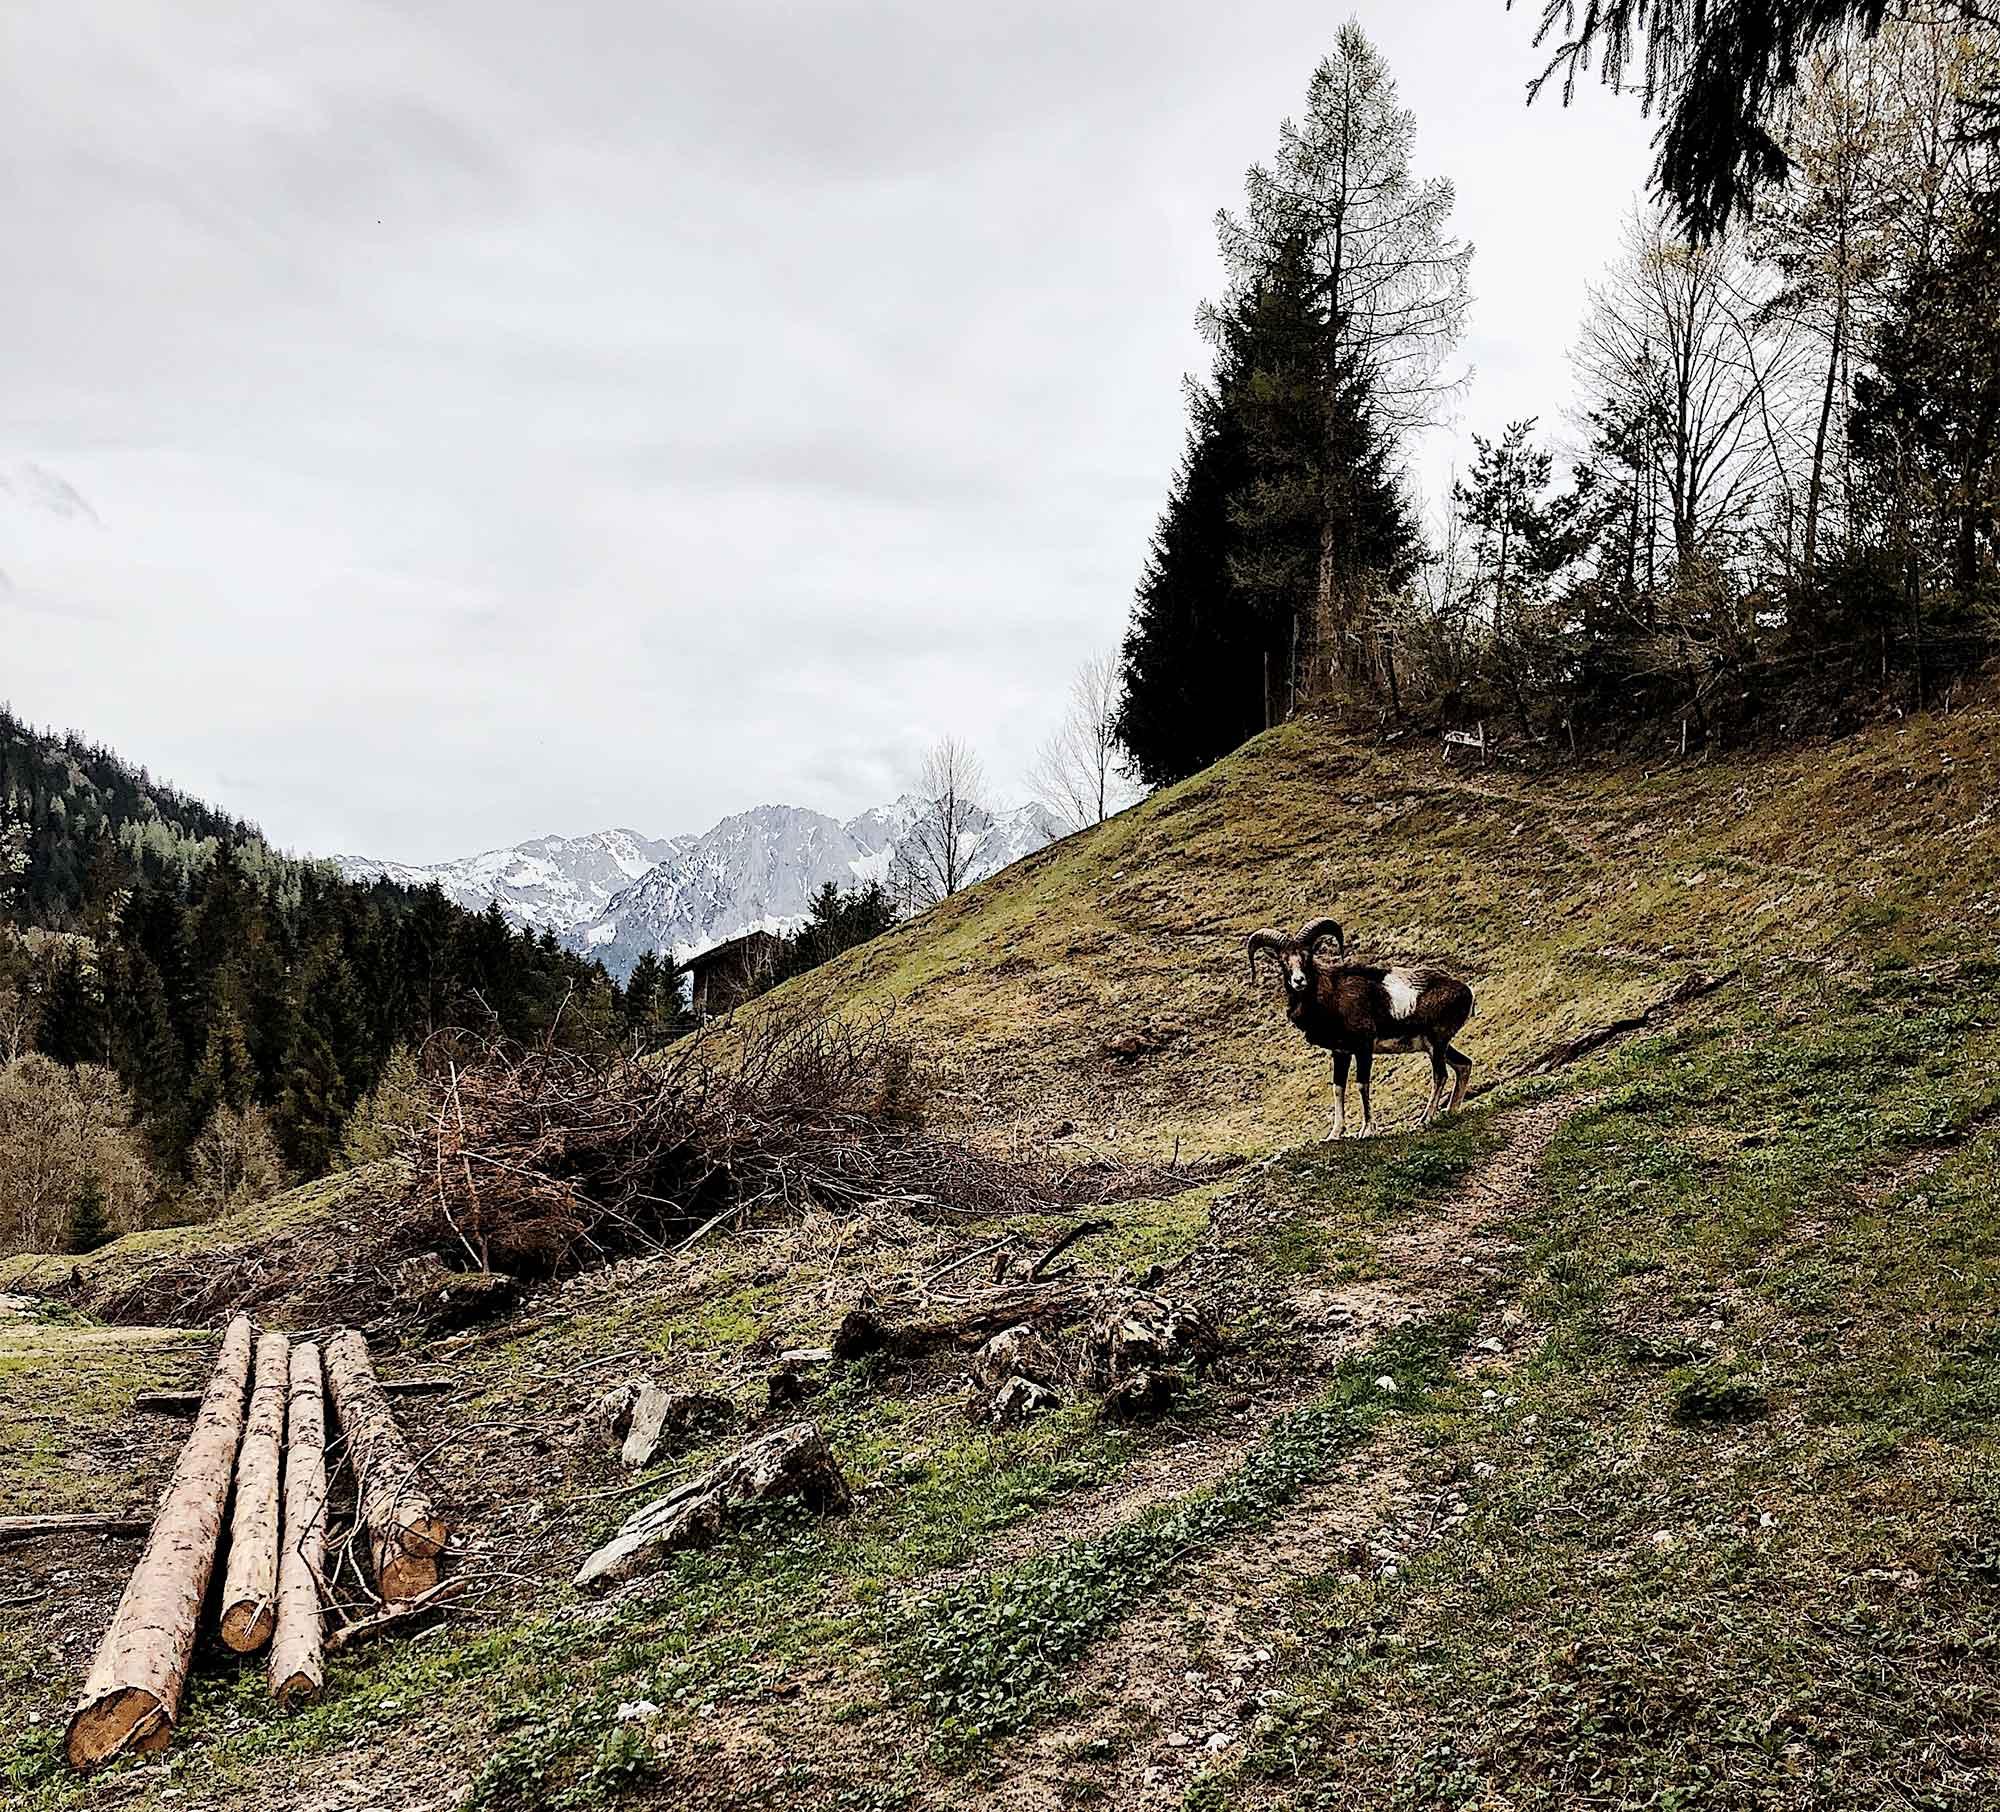 Die imposante Berglandschaft des Chiemgaus auf einer Wanderung entdecken